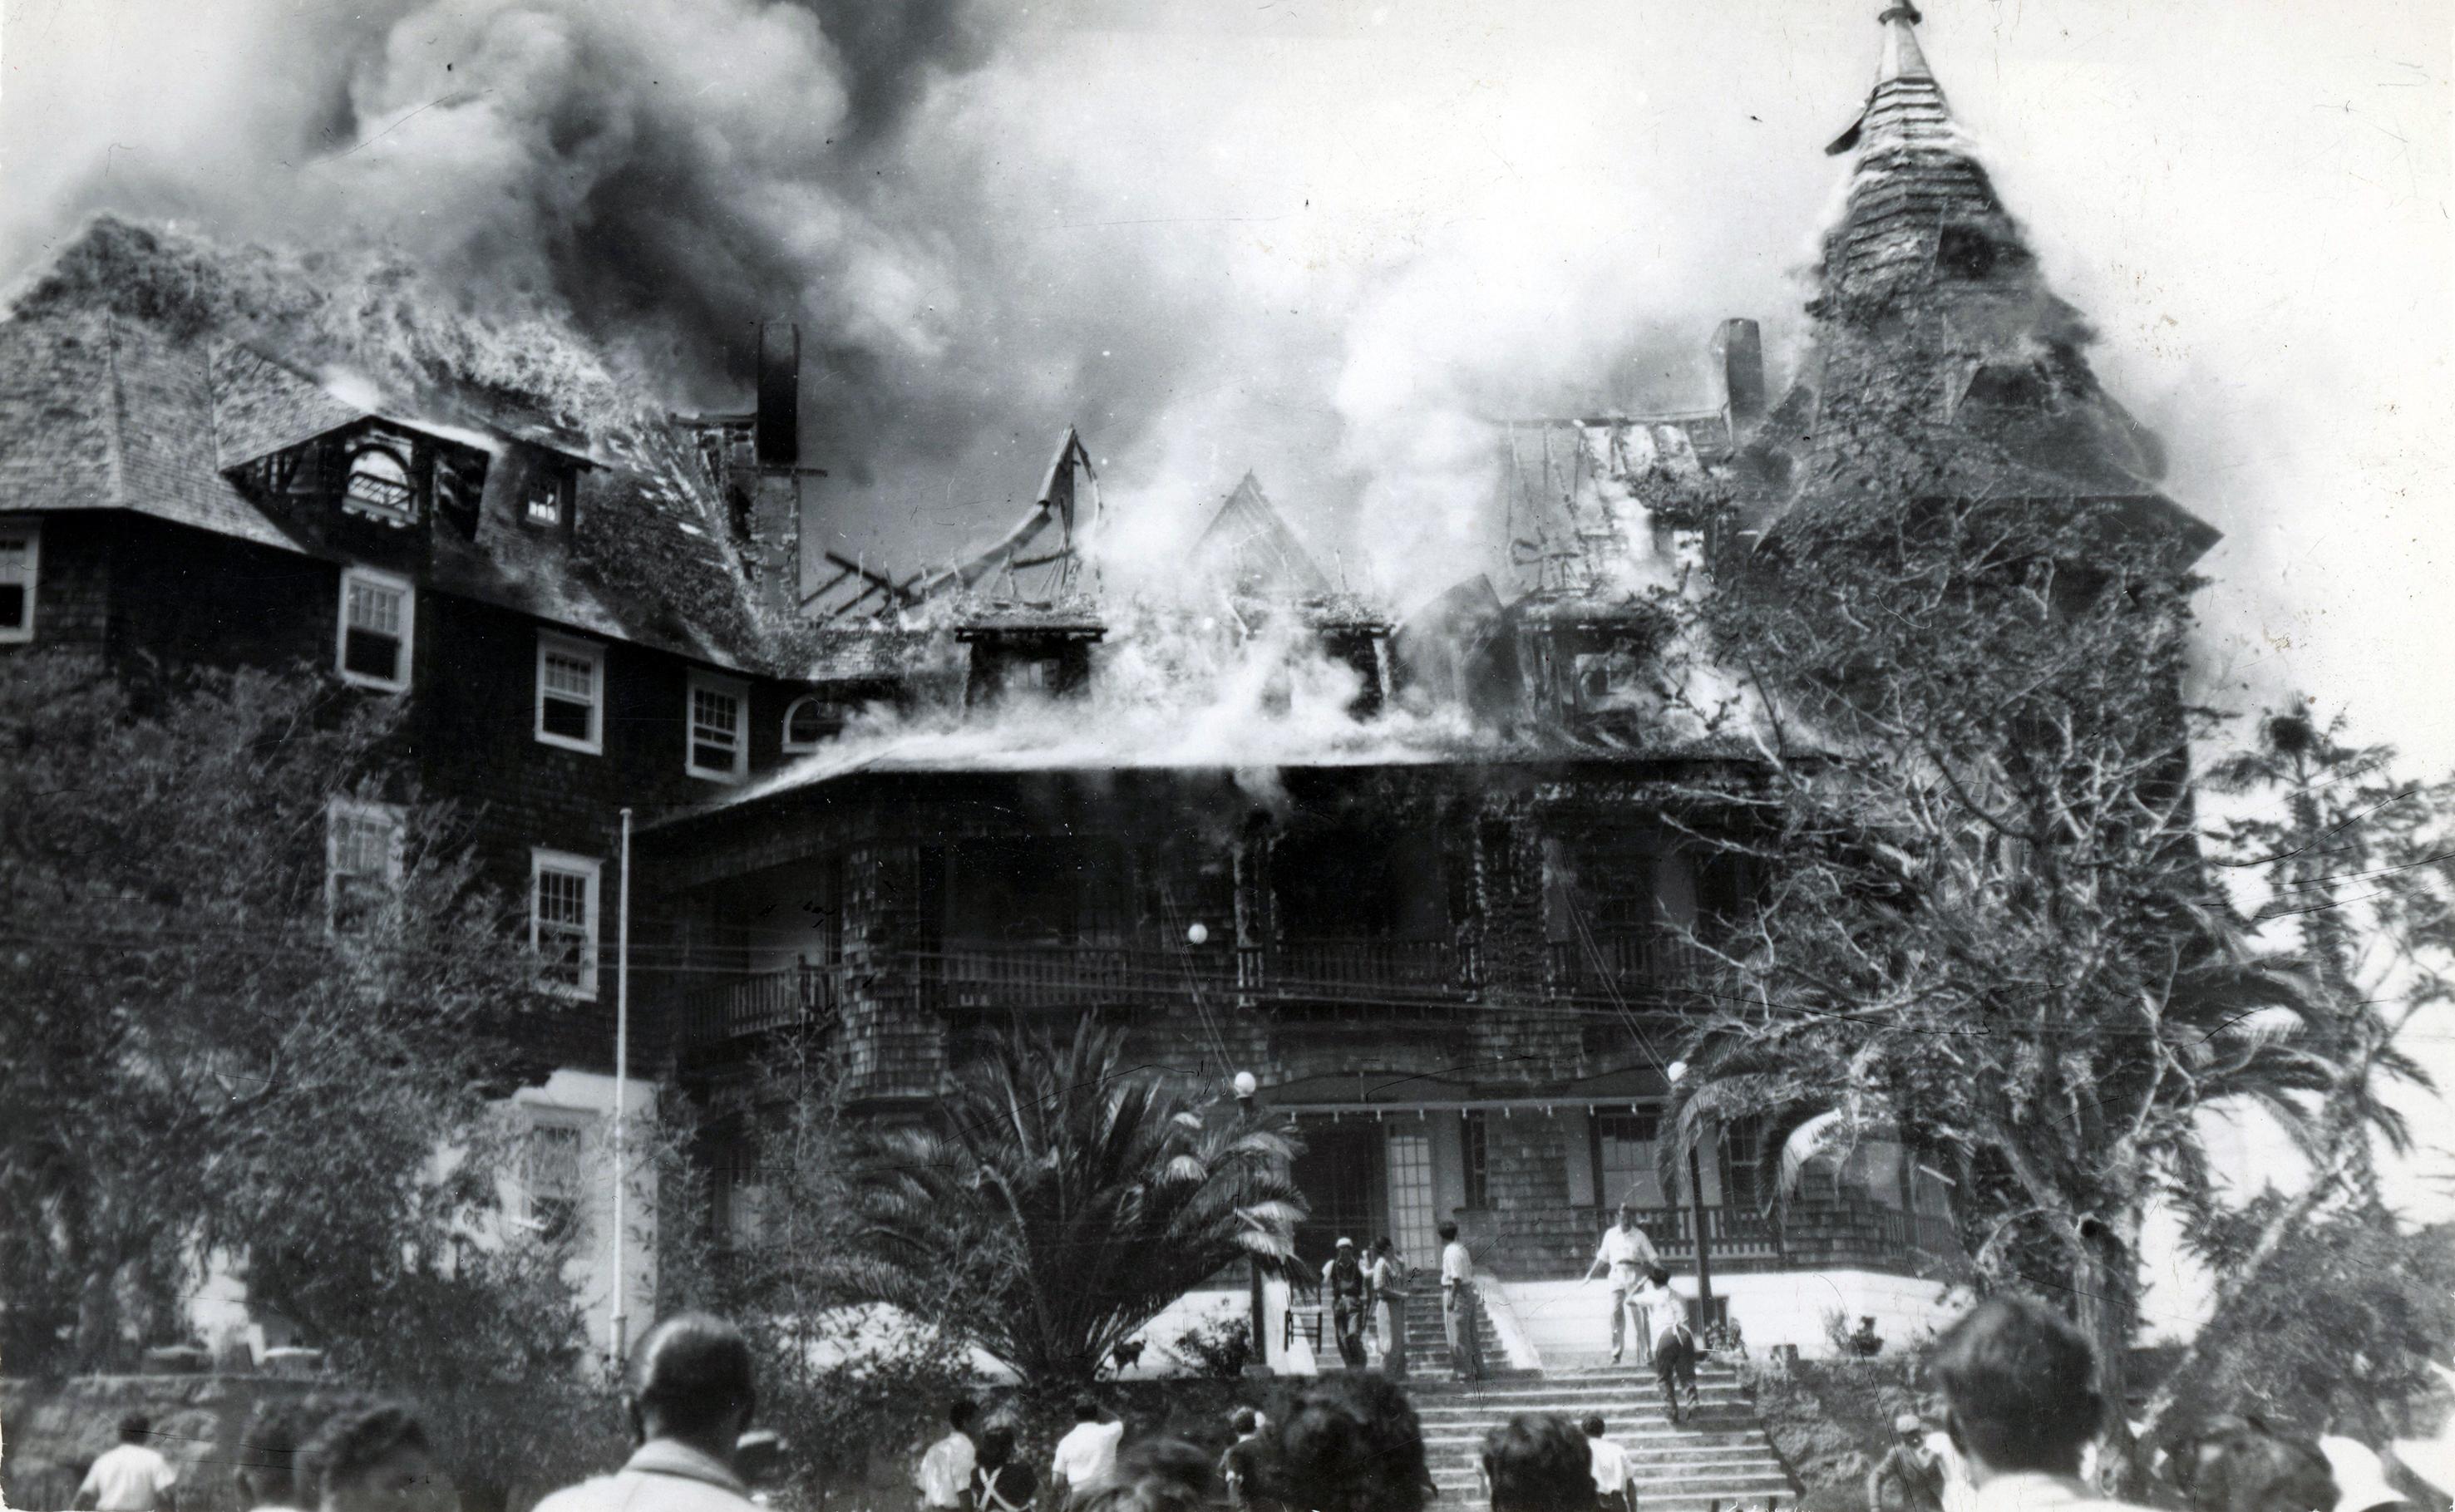 Enterreno - Fotos históricas de chile - fotos antiguas de Chile - Incendio del Gran Hotel de Papudo en 1941